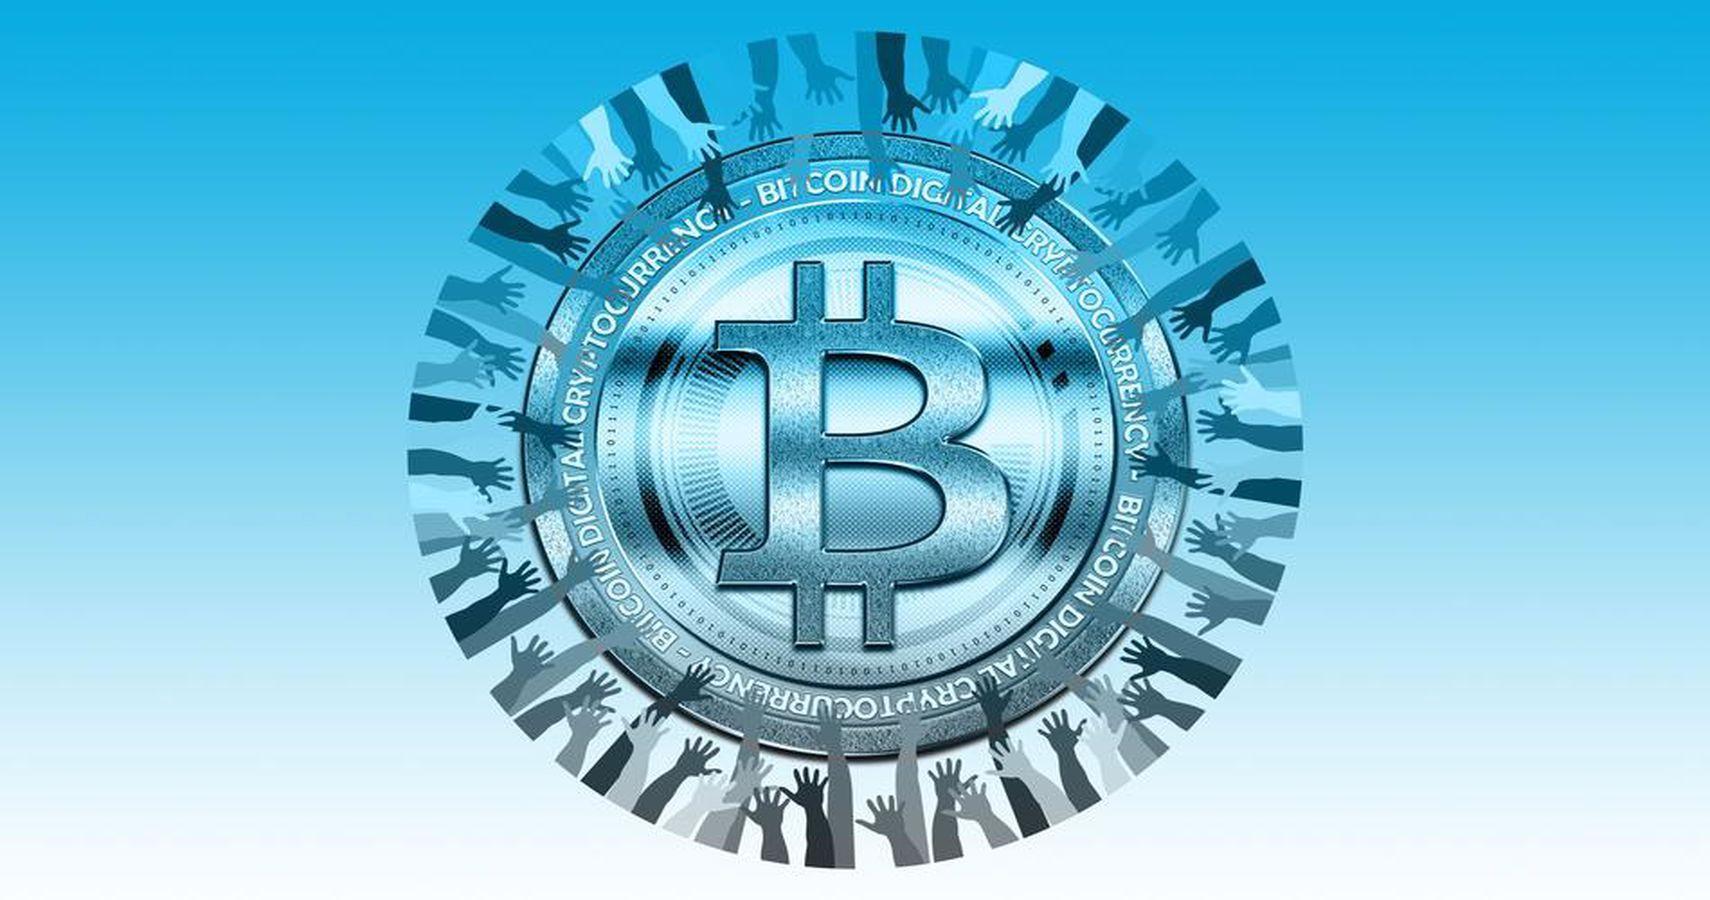 Matematikai rejtély: Miért állt meg a Bitcoin Rally